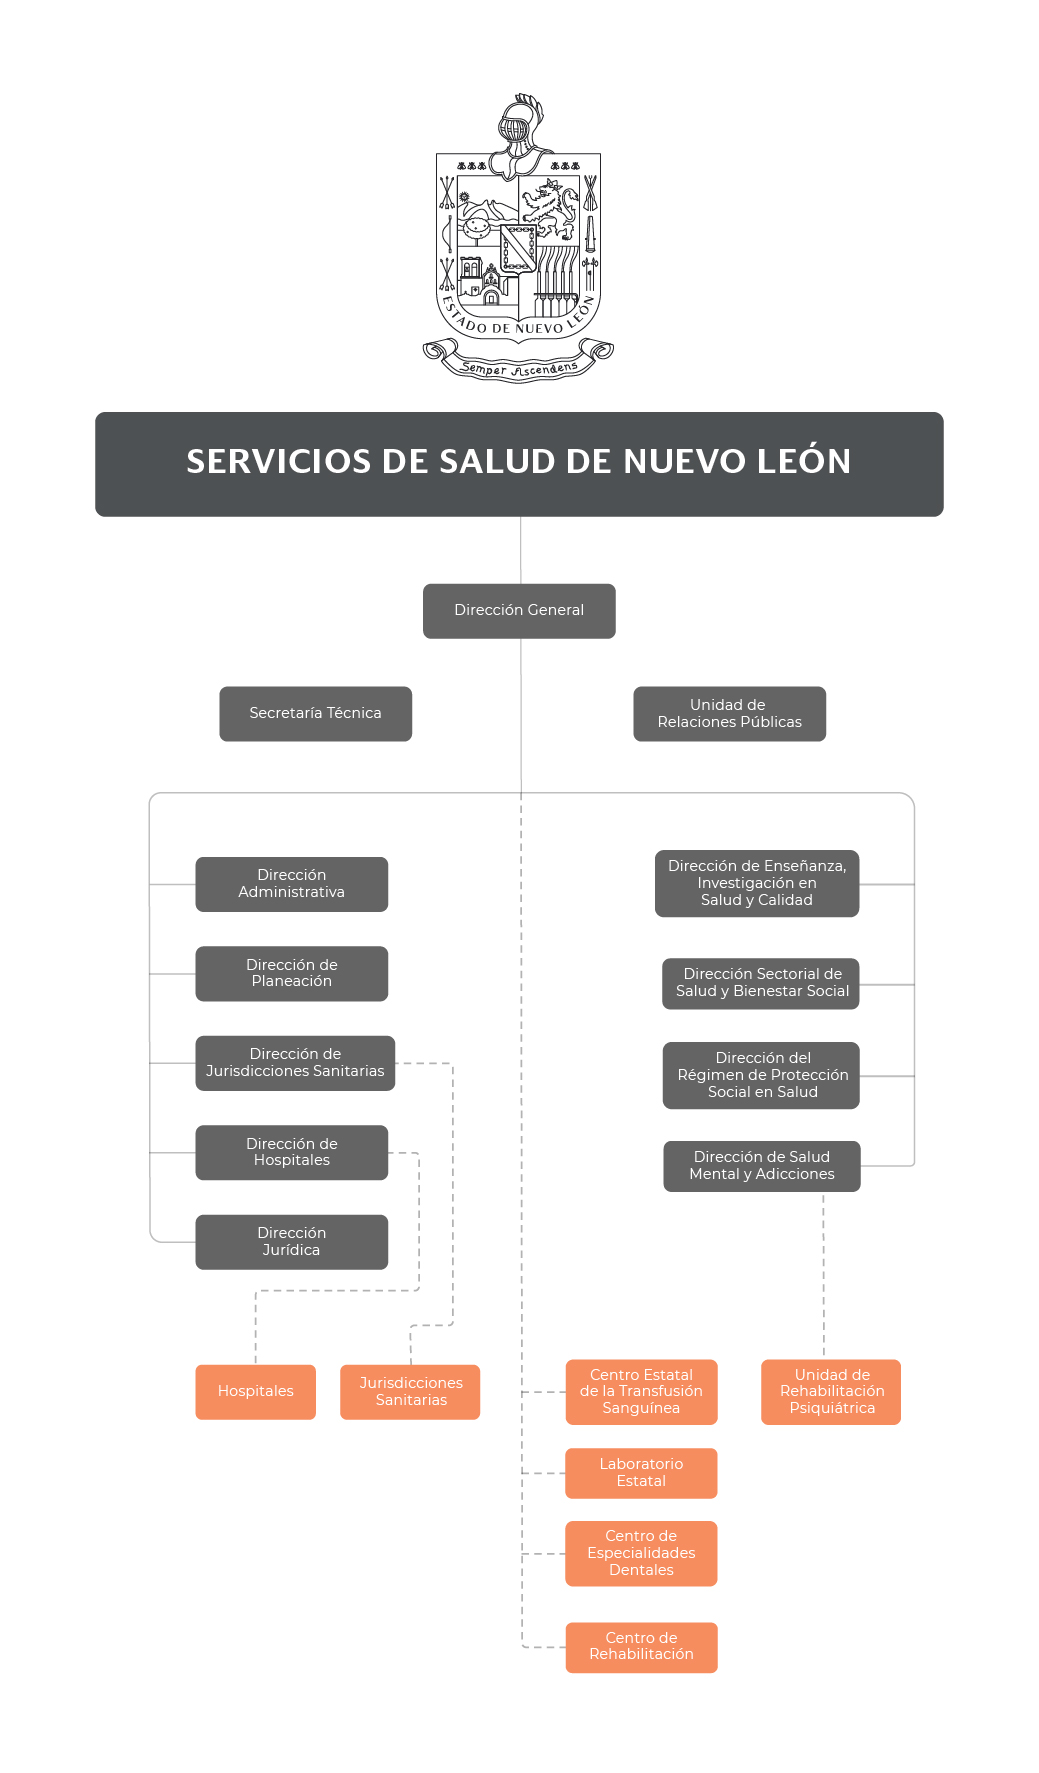 Servicios de Salud de Nuevo León